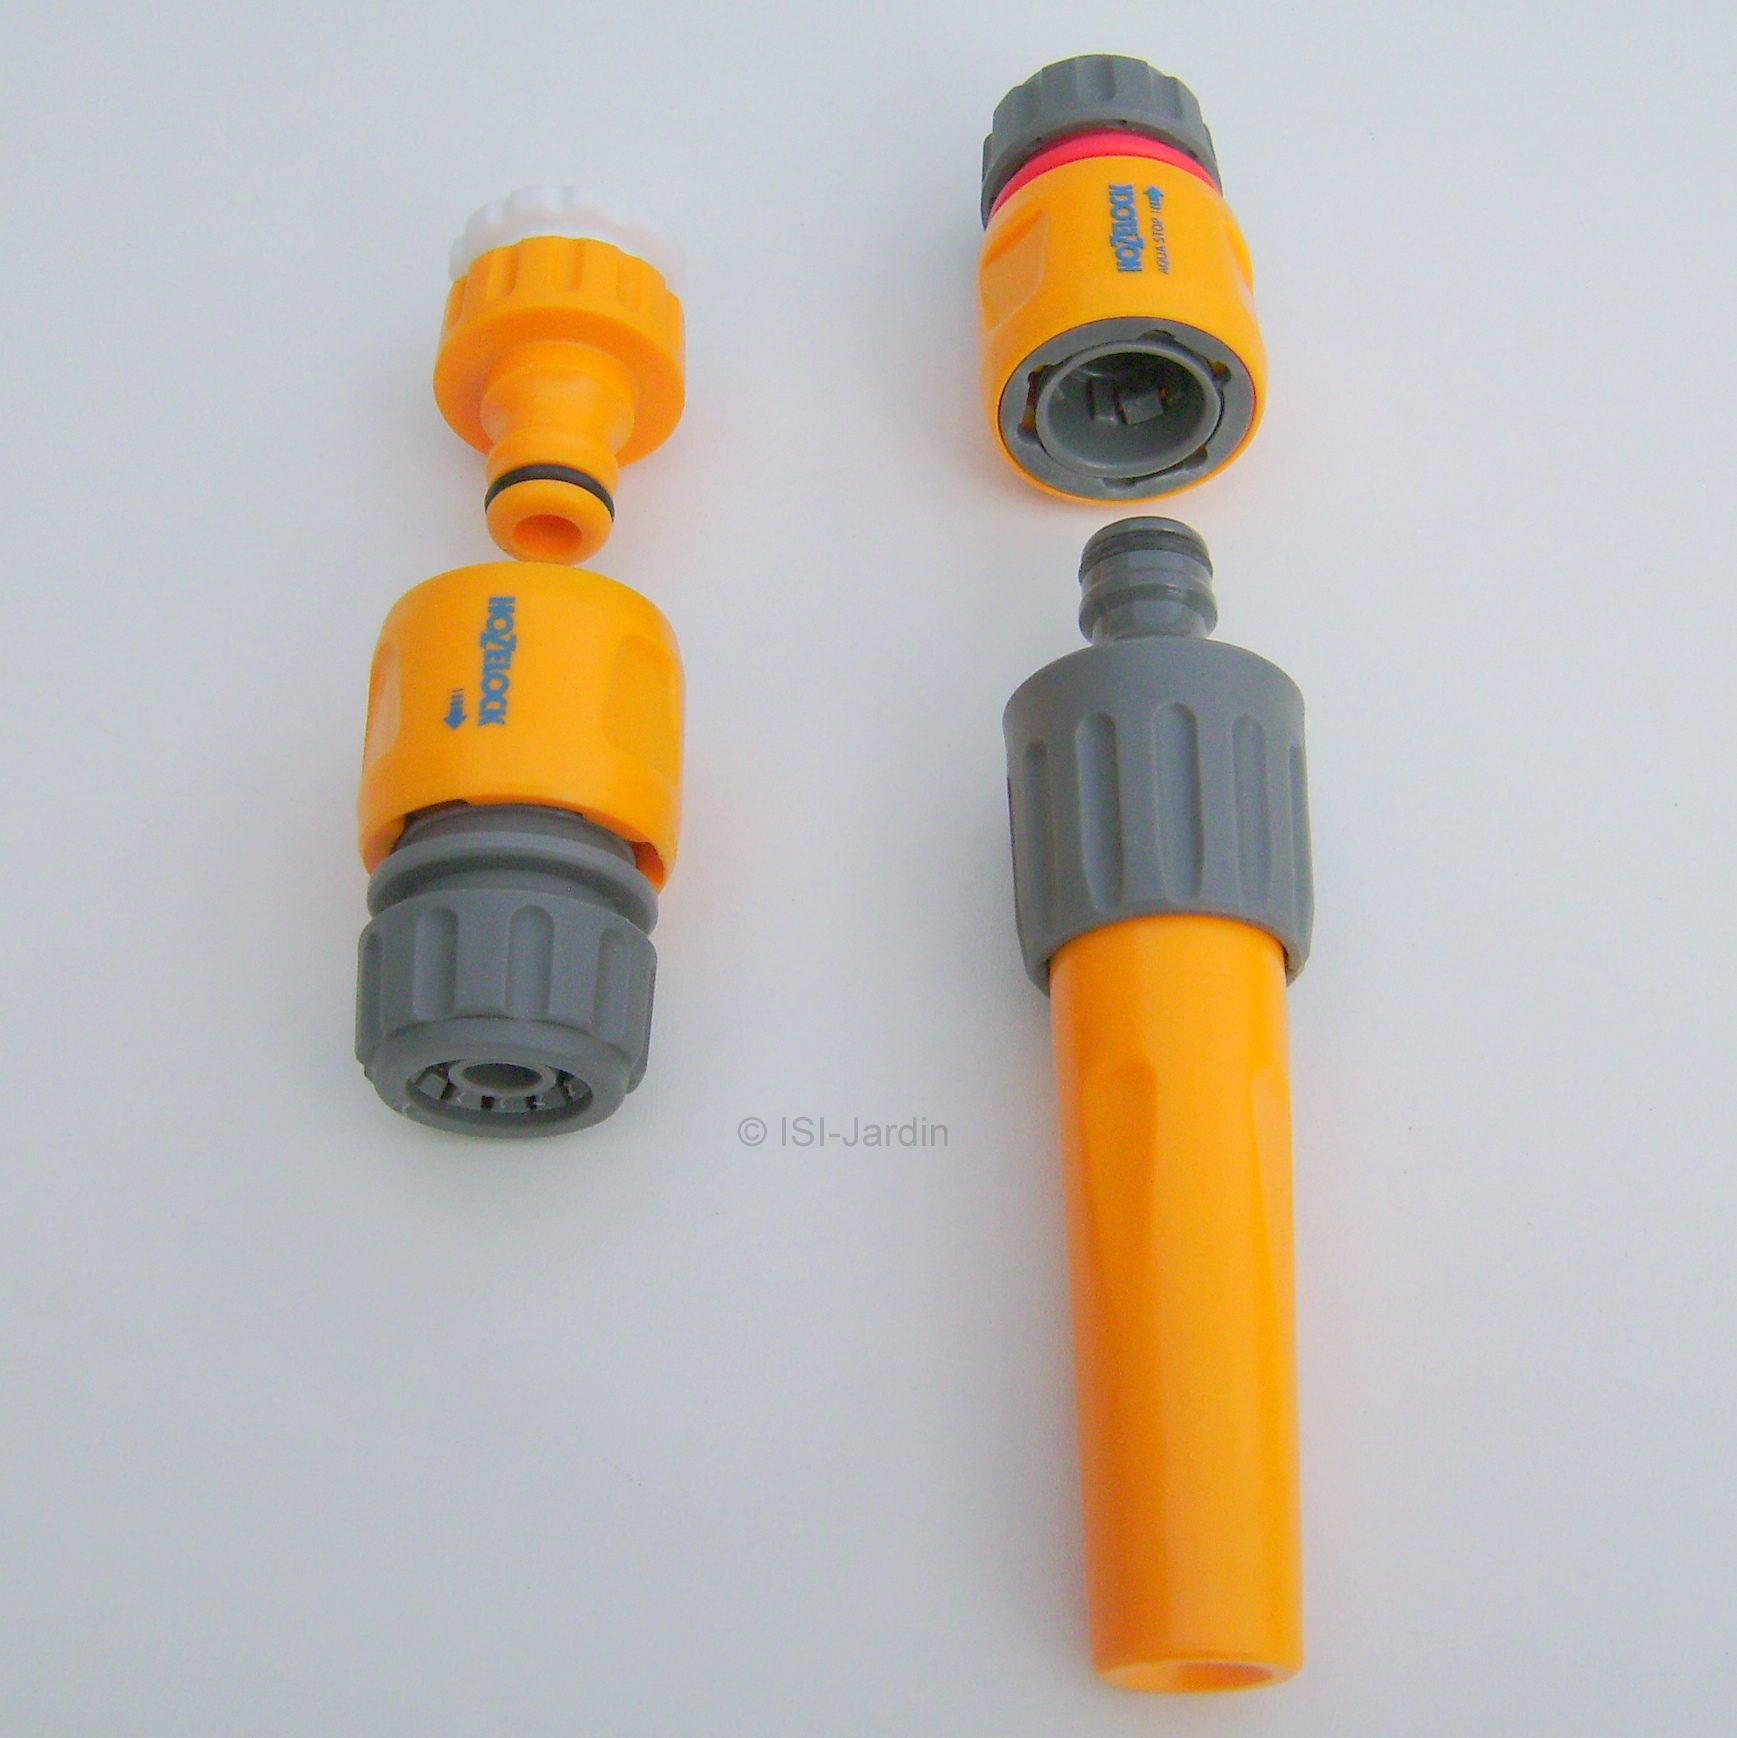 L-tuyau connecteur 15mm tuyau connecteur